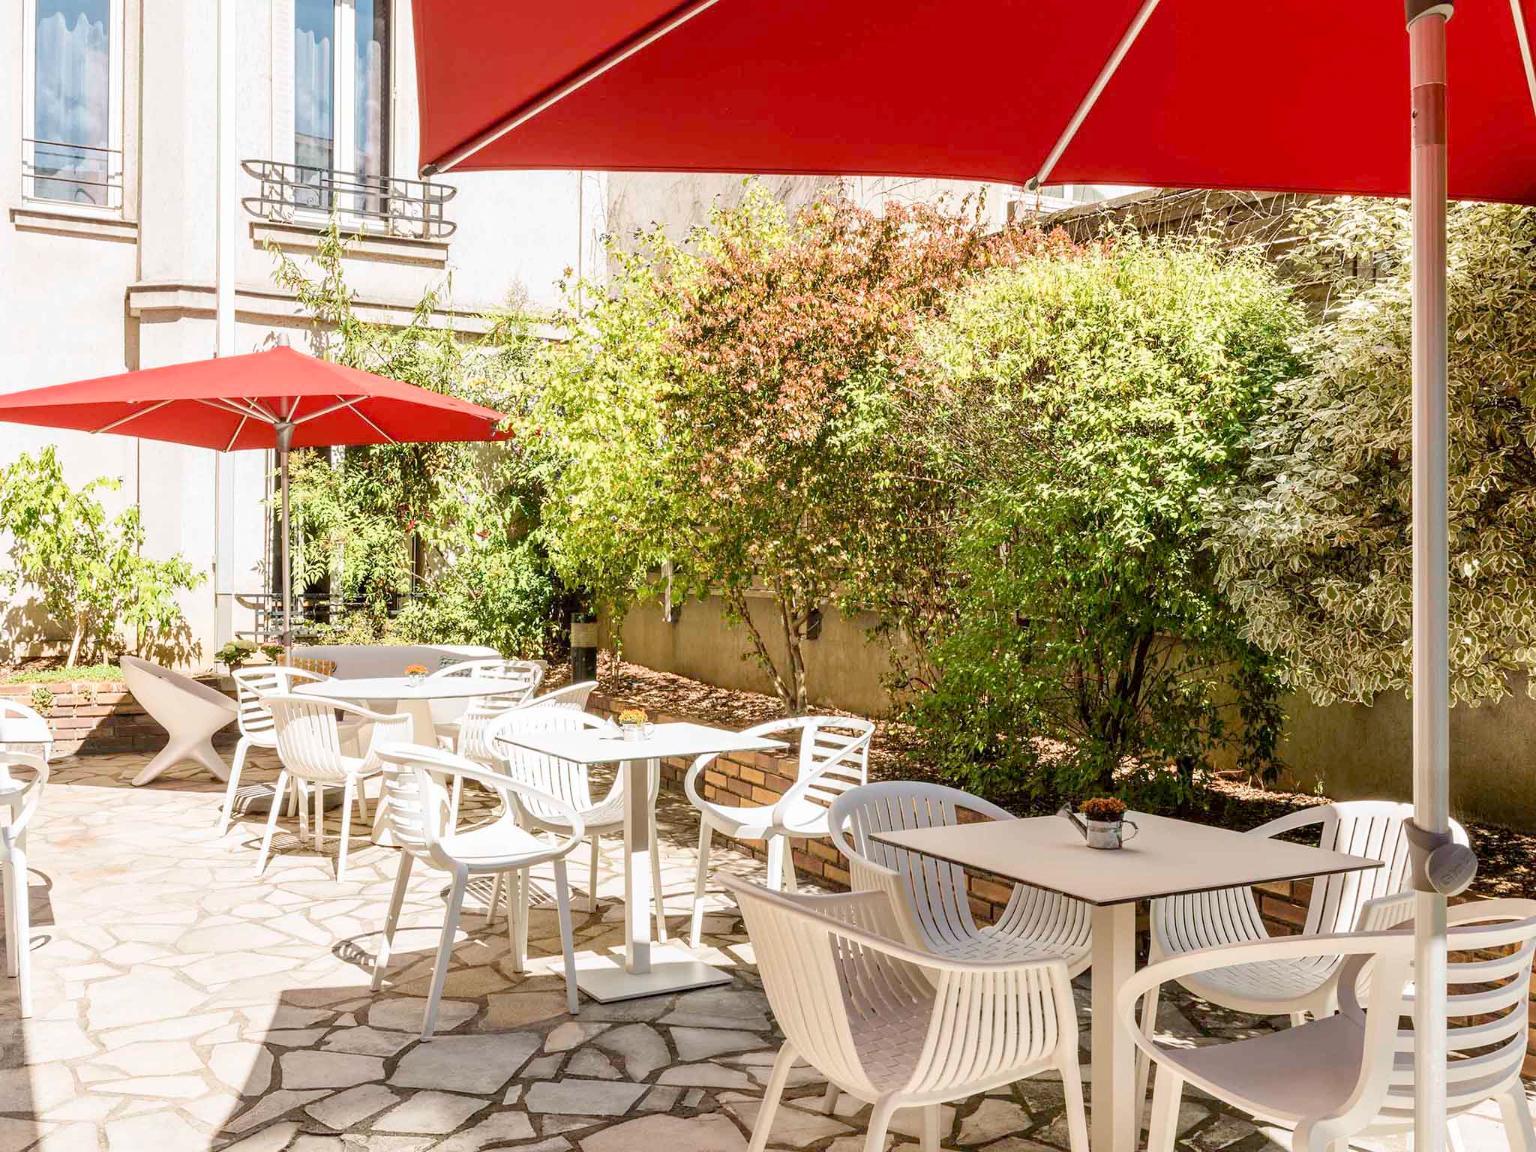 Ibis styles asnieres centre h tel 10 bis rue du chateau 92600 asni res sur - Rue du chateau asnieres sur seine ...